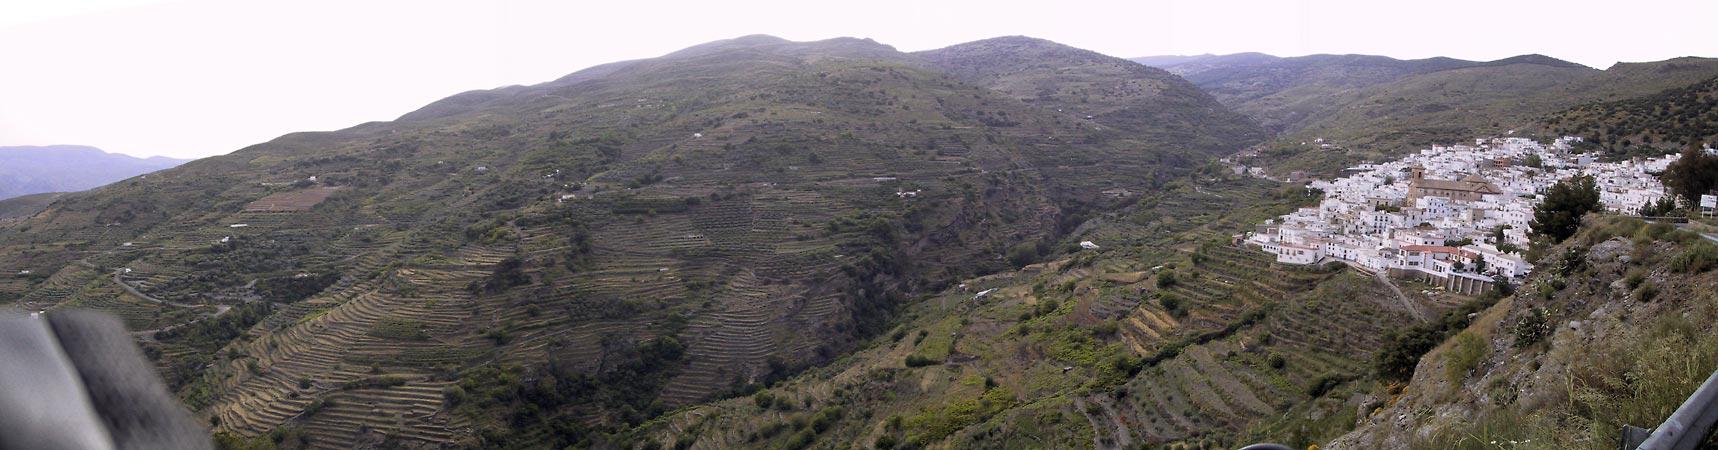 Groene hellingen in terrassen ingedeeld, met wit dorpje bovenaan